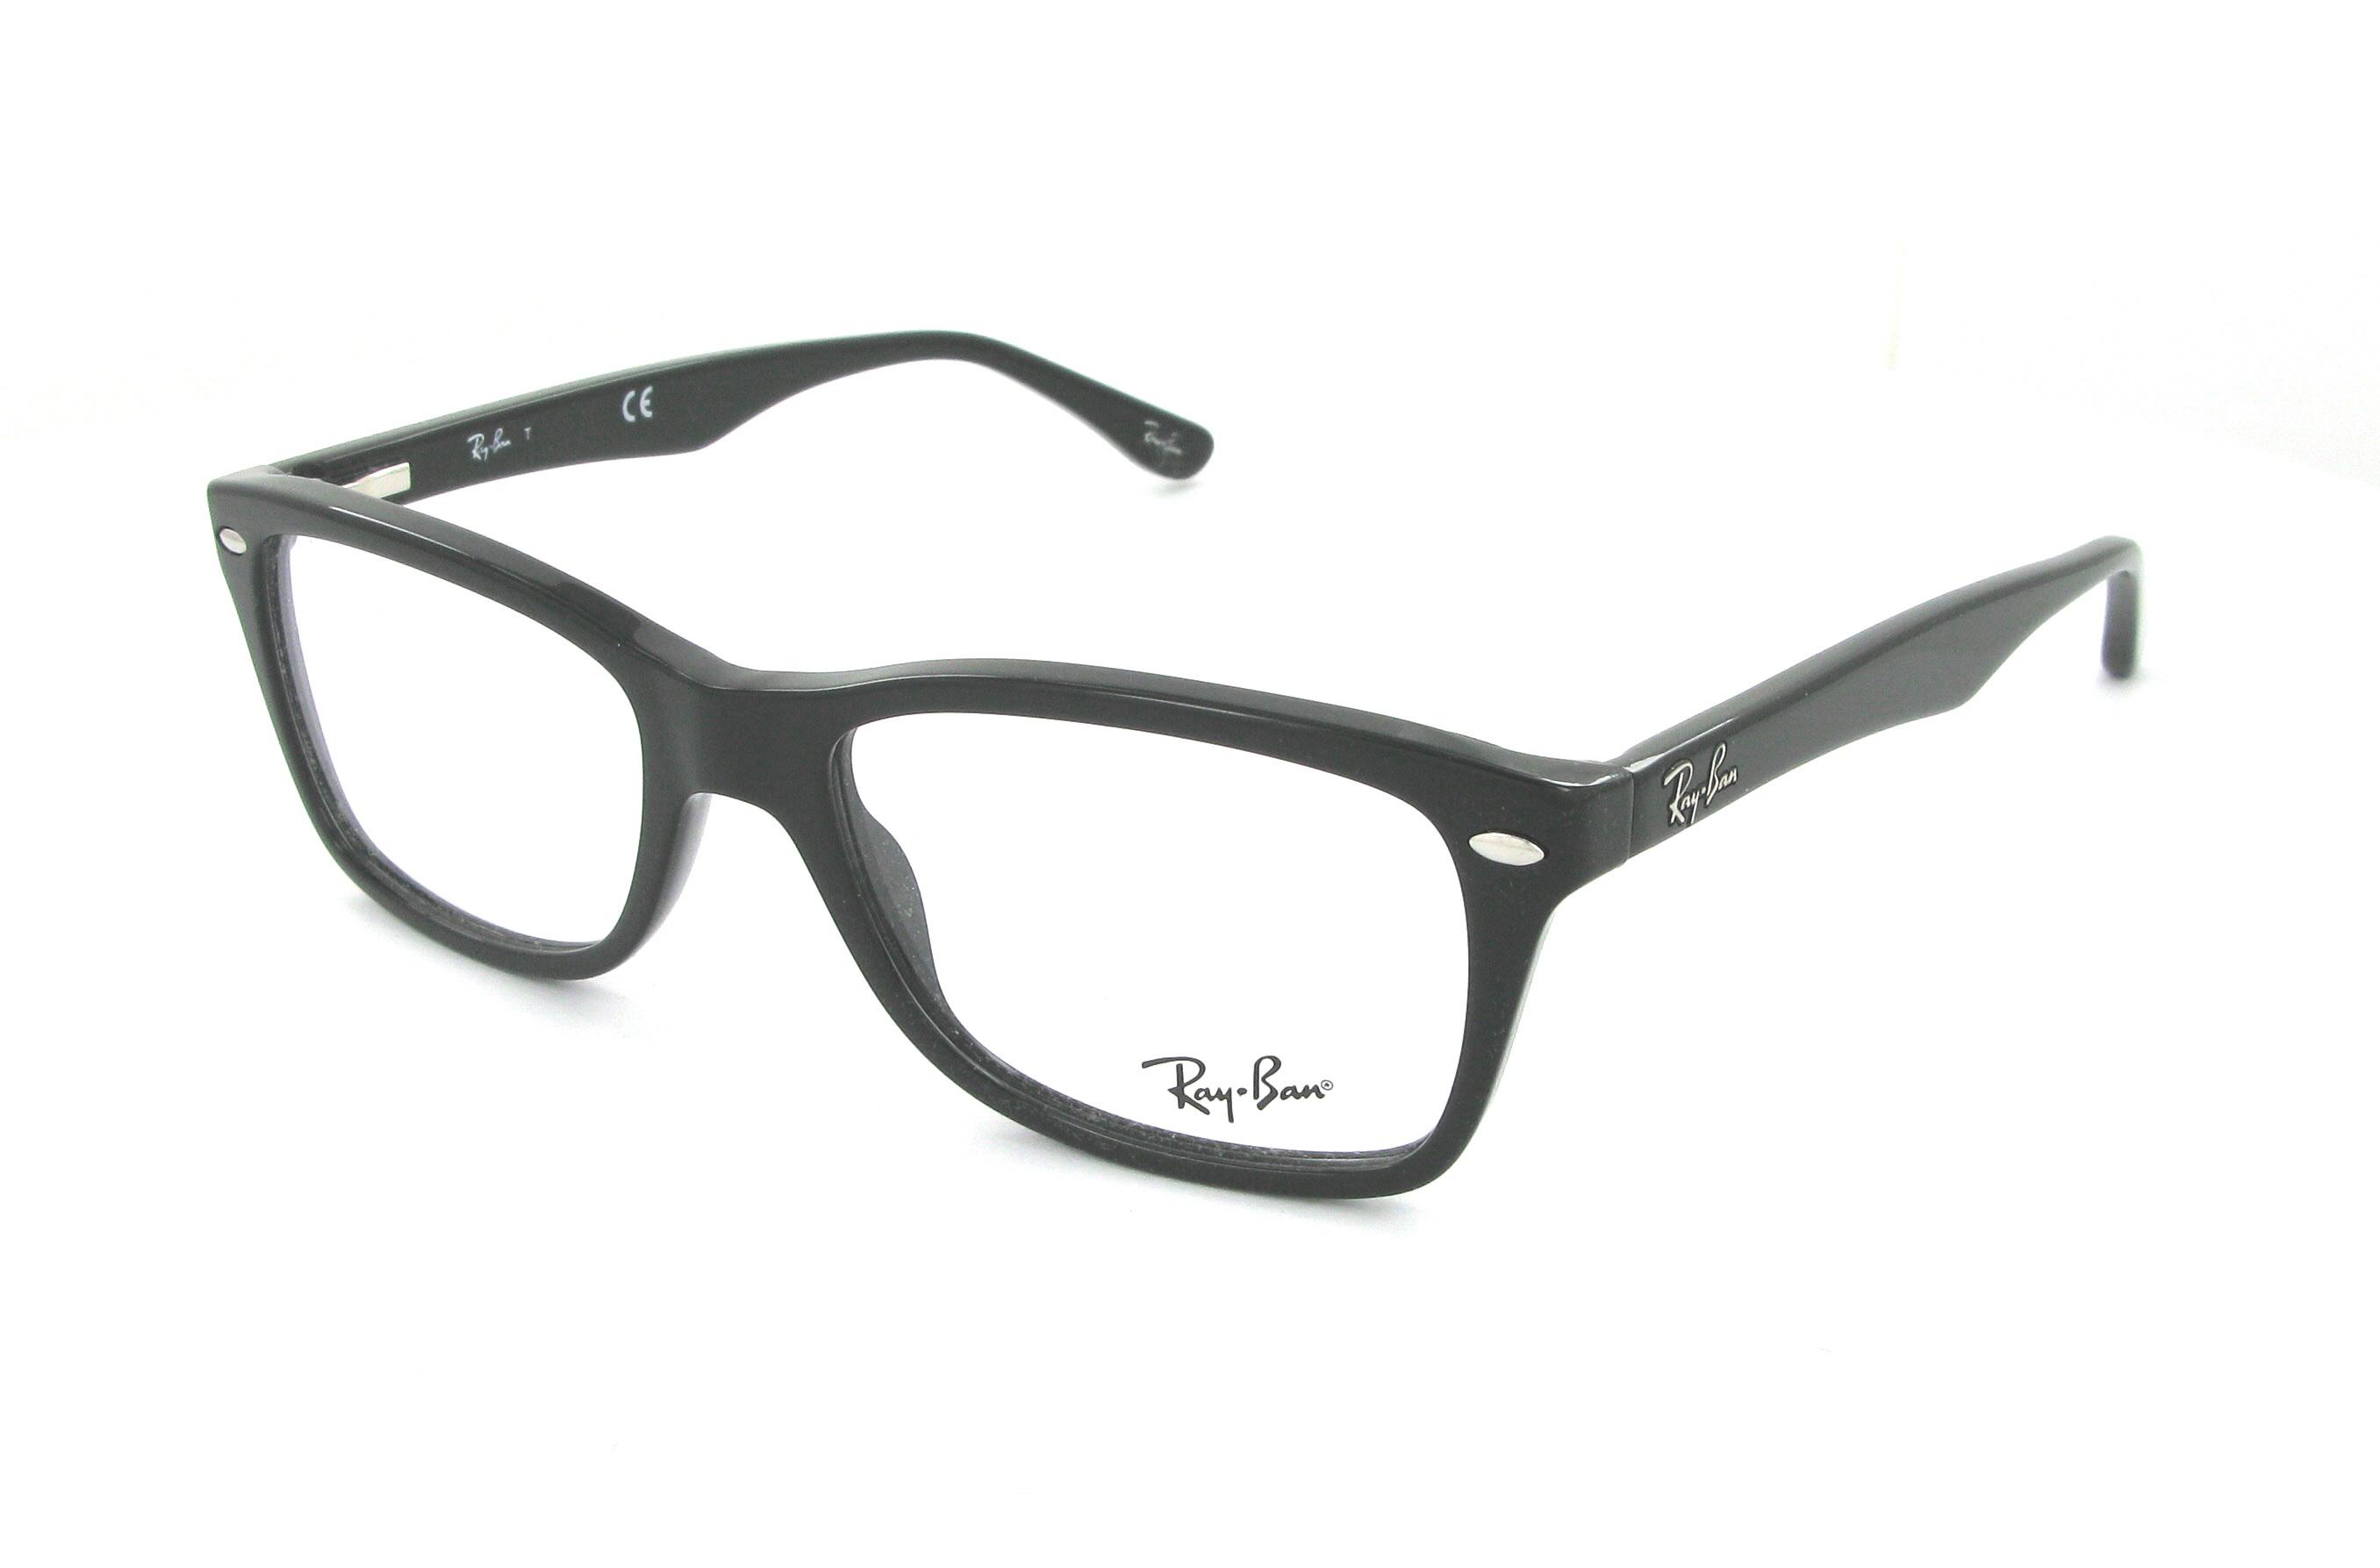 18078b0714369 lunettes de vue ray ban rx5206 2034 noir cris. RX RX